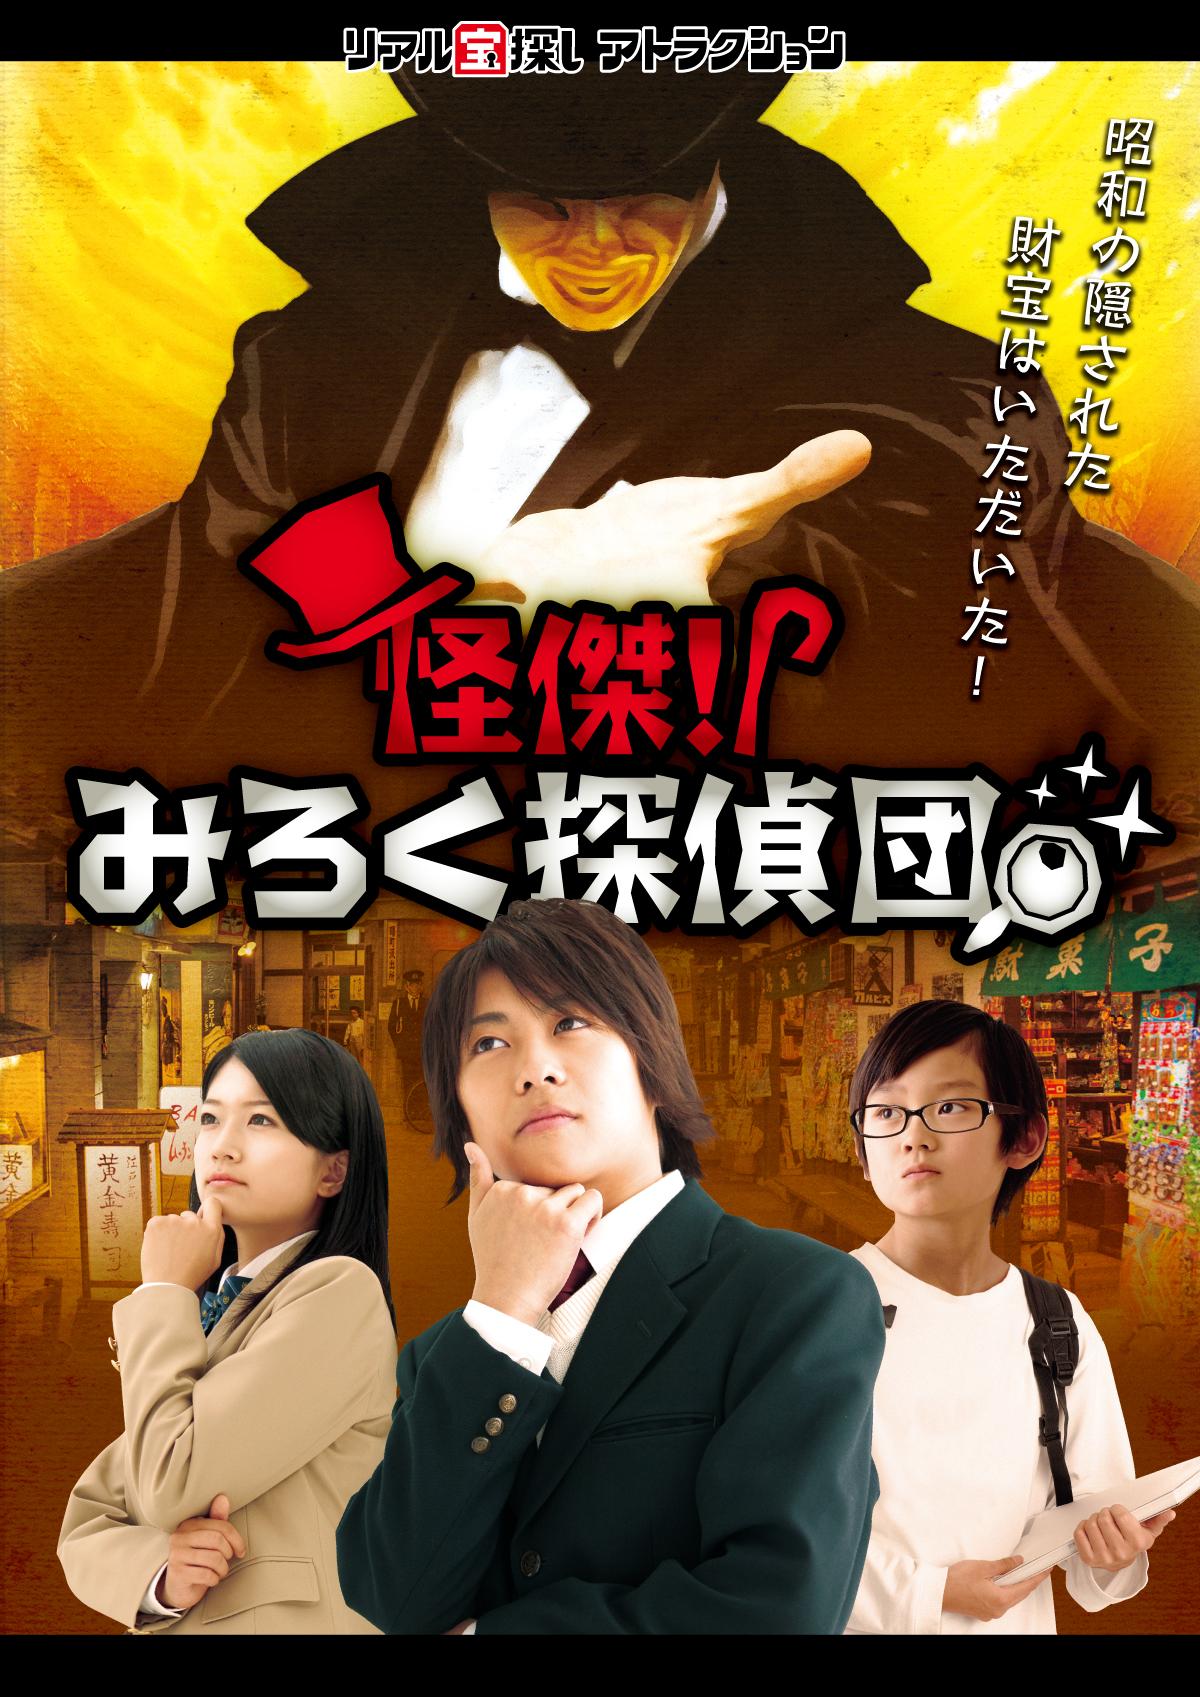 リアル宝探しゲーム「怪傑!みろく探偵団」